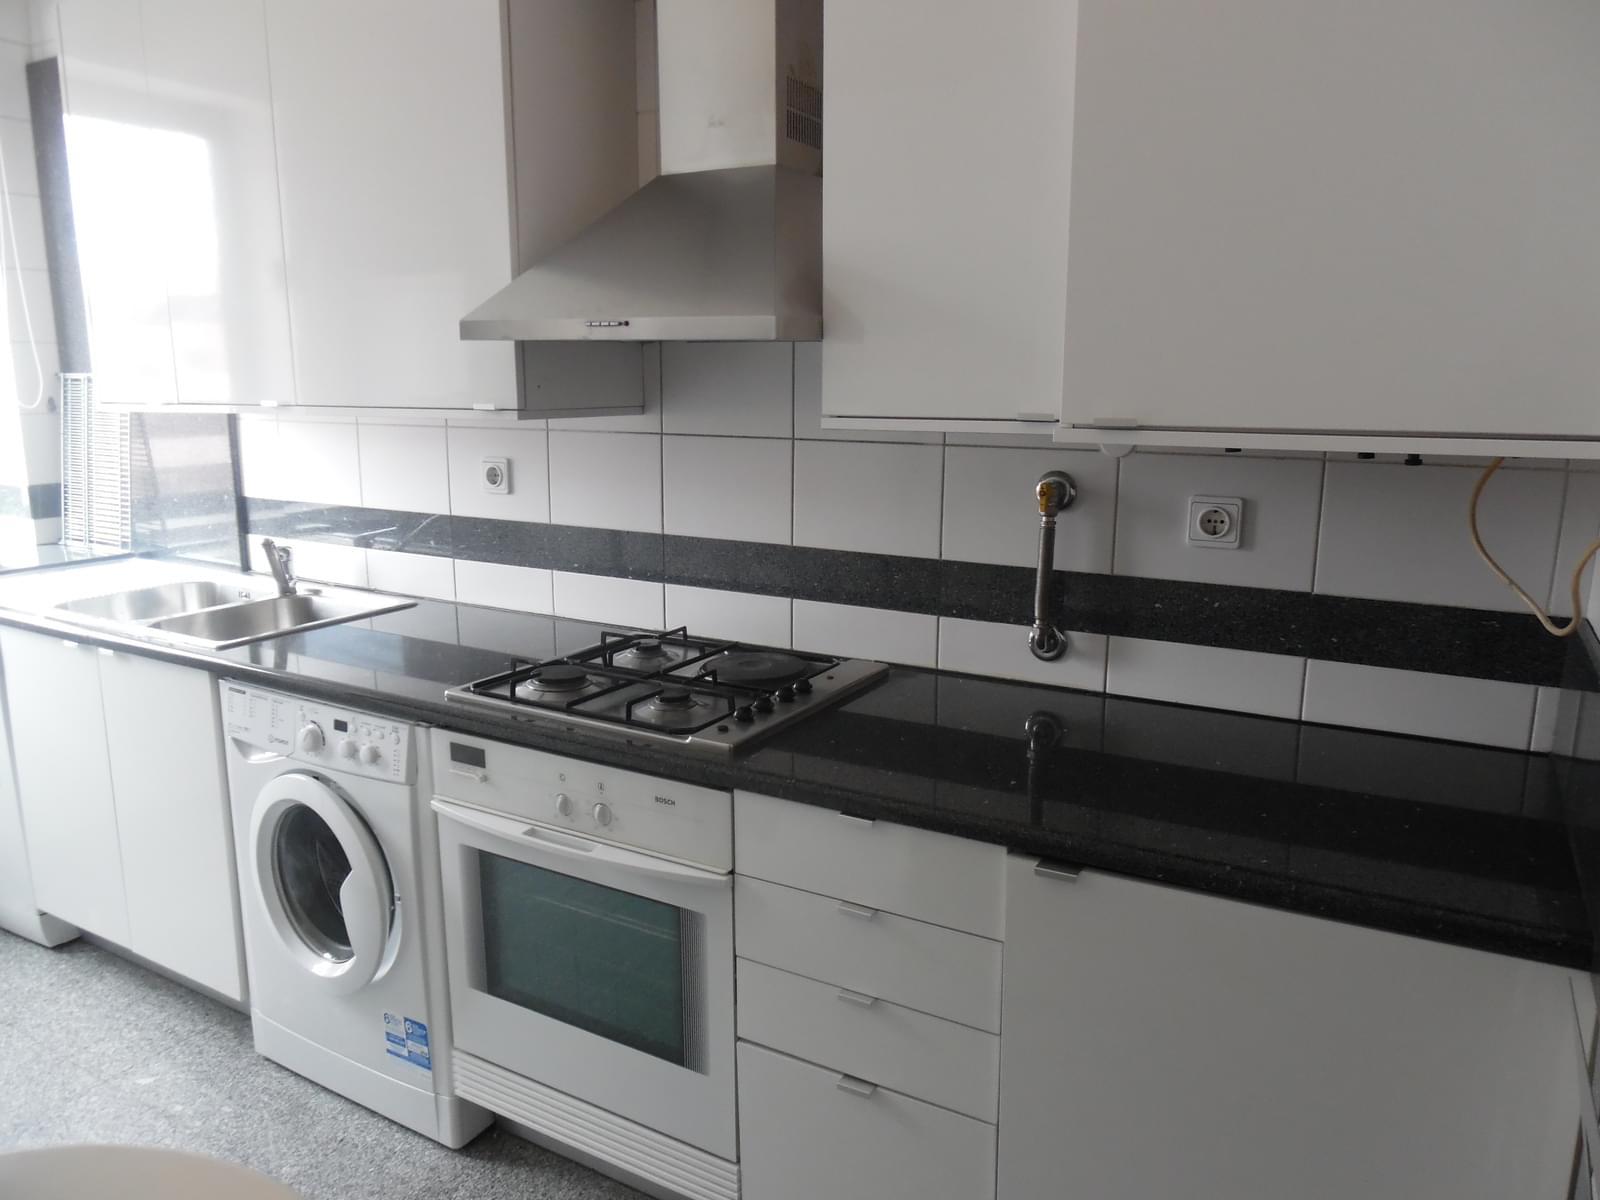 pf17637-apartamento-t2-lisboa-0bdc7080-6331-4464-a6a0-e44ec5244dd3